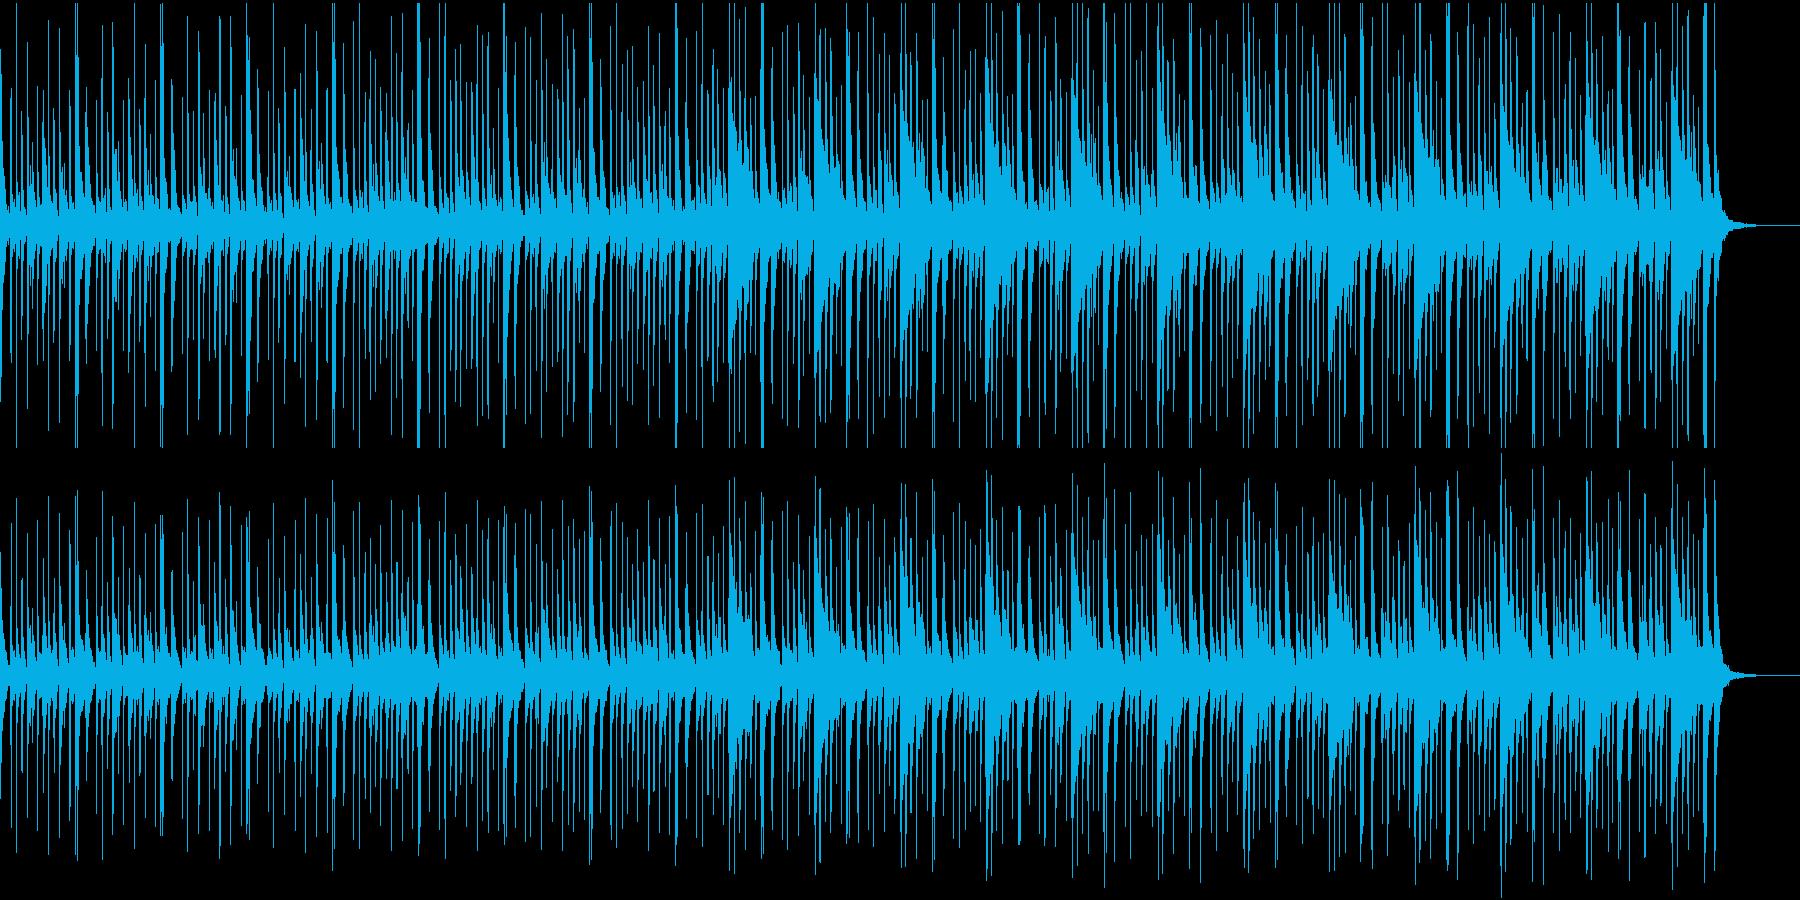 映像用、ラテンパーカッションのみの曲の再生済みの波形